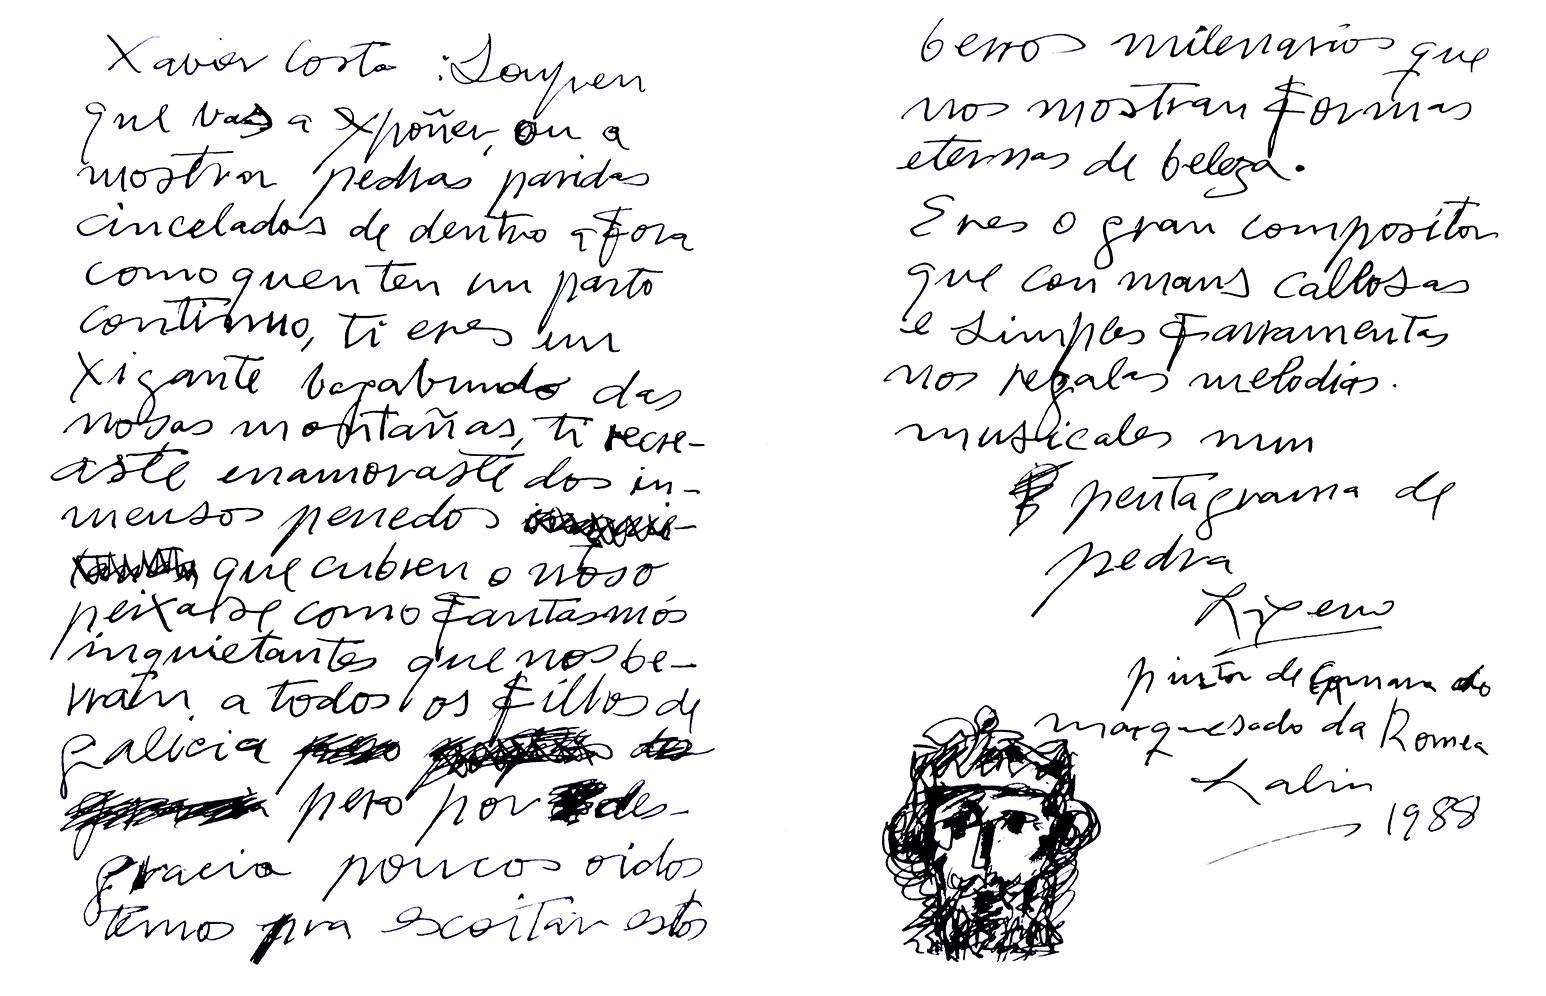 Manuscrito del pintor Laxeiro sobre el escultor Xavier Costa.